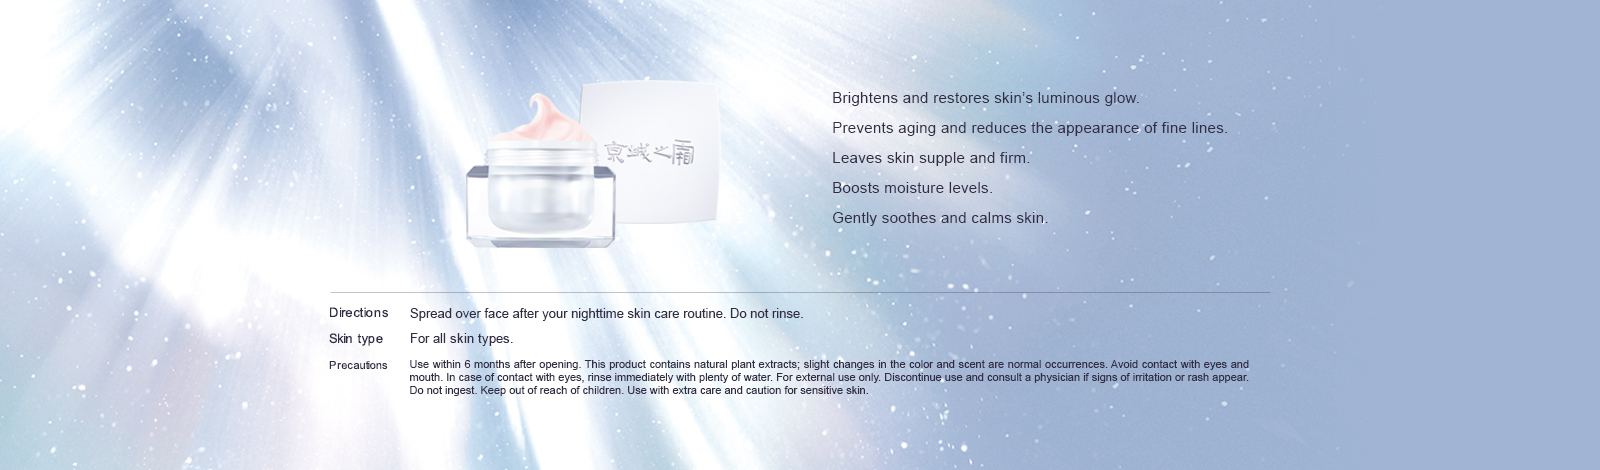 super-diamond-bright-essential-cream-4.jpg